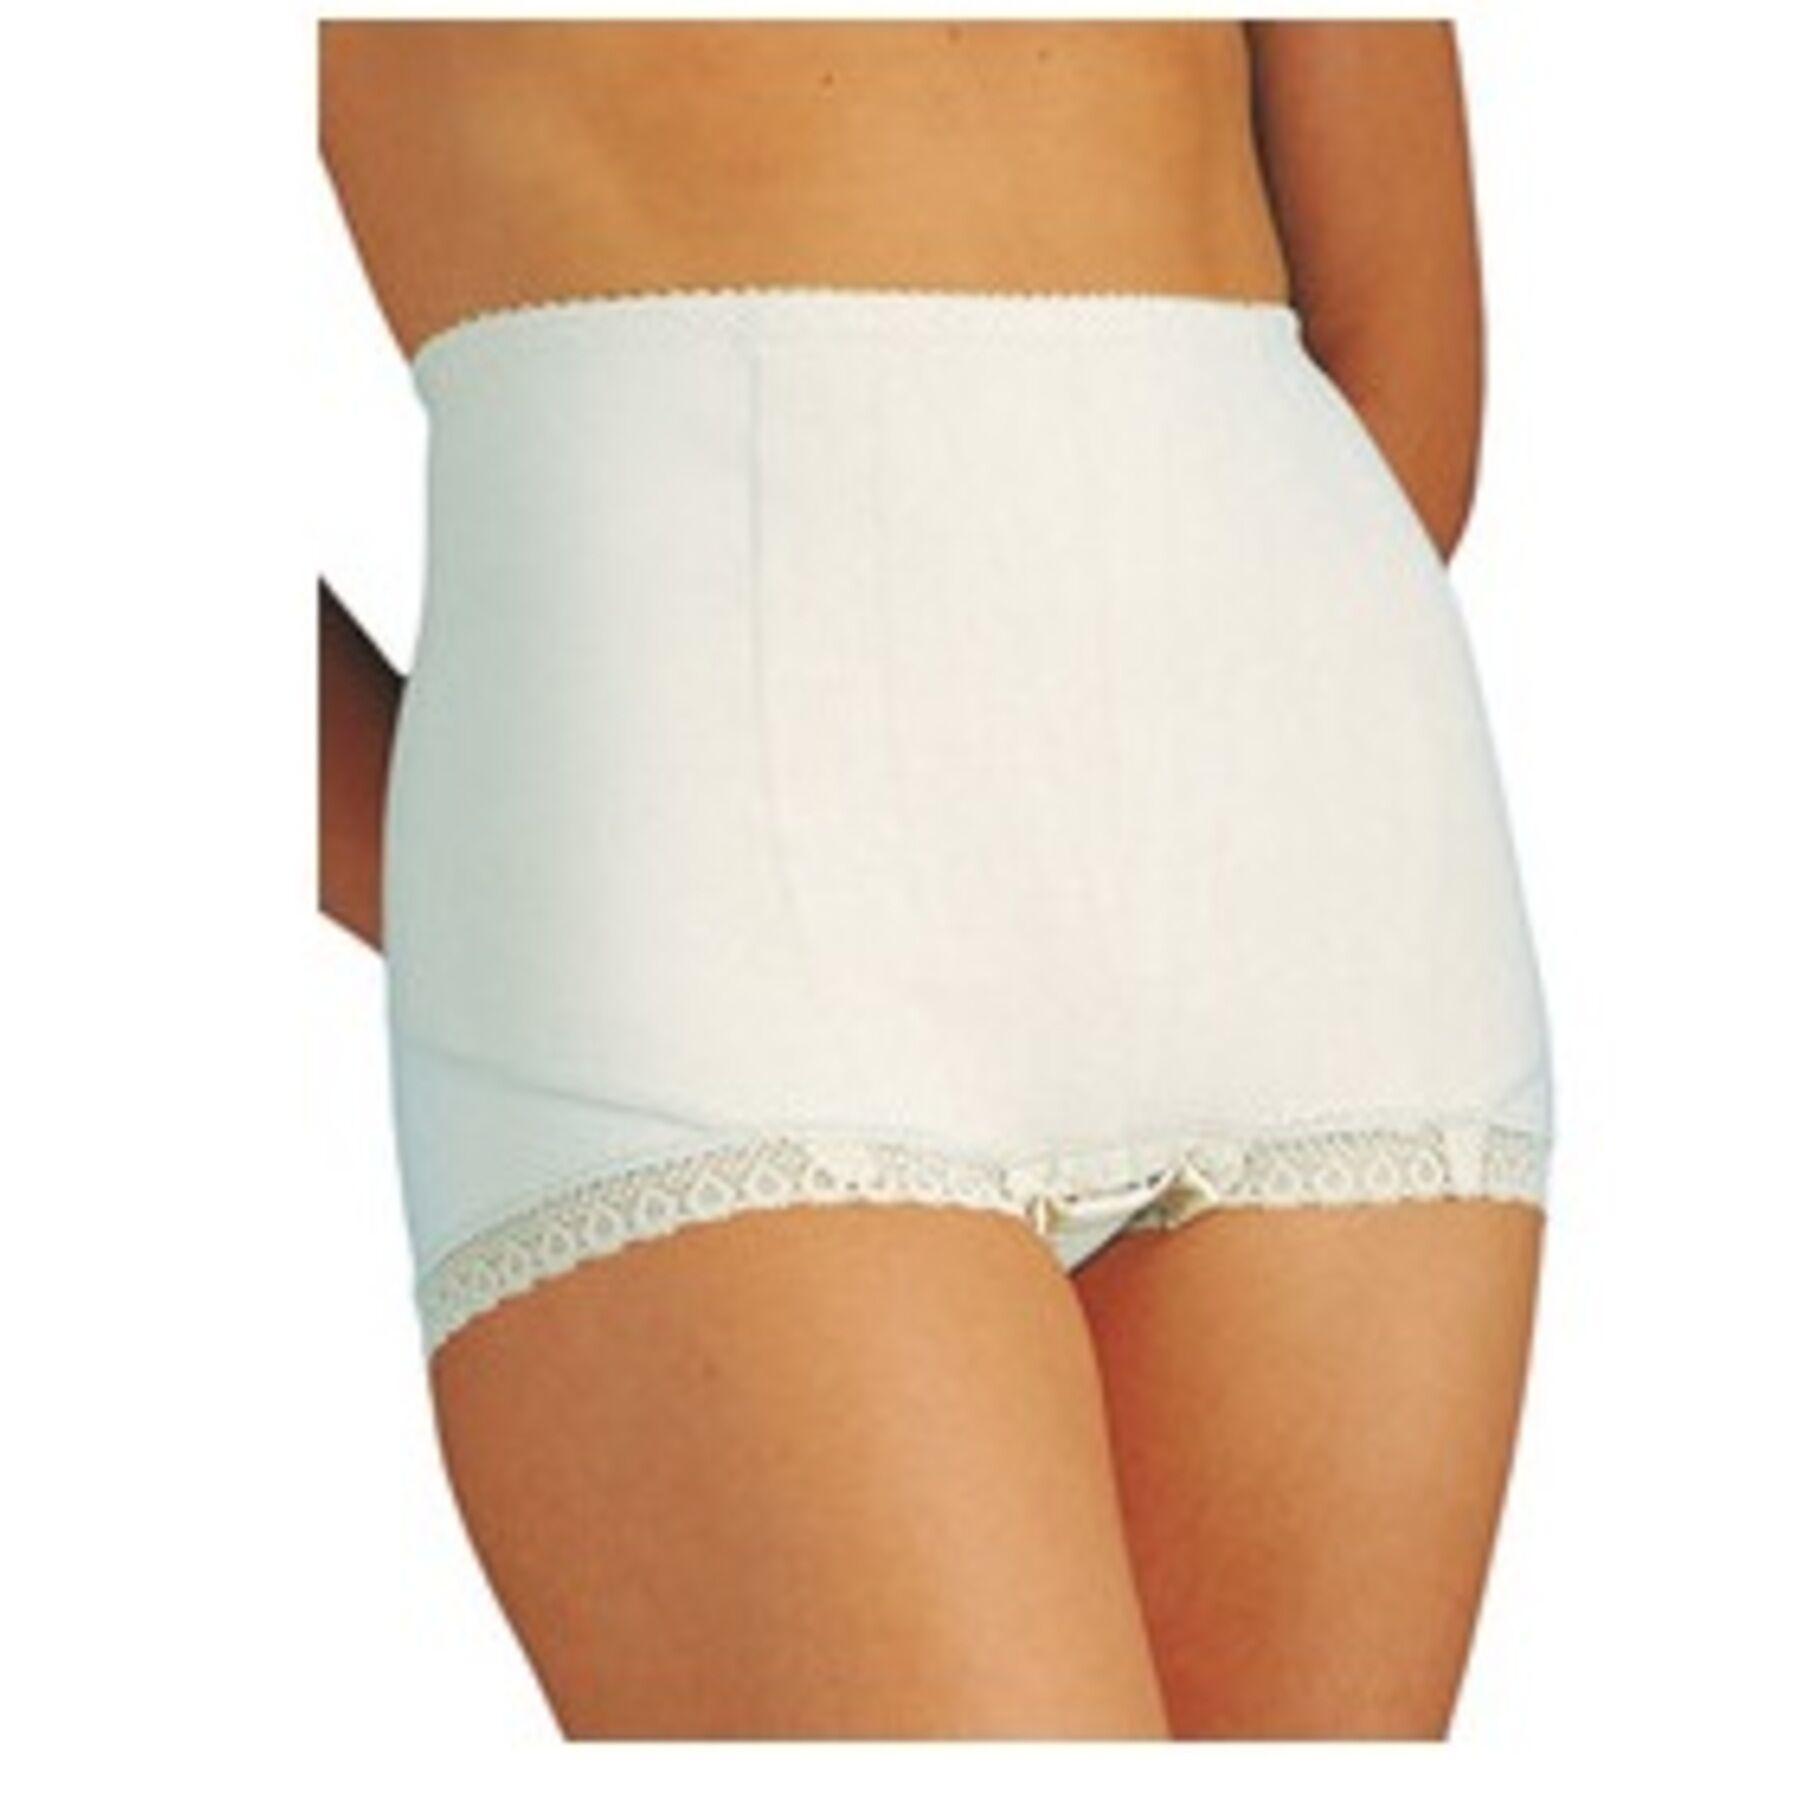 DUAL SANITALY SpA Mutanda elastica contenitiva alta da donna dualsan colore bianco misura 4